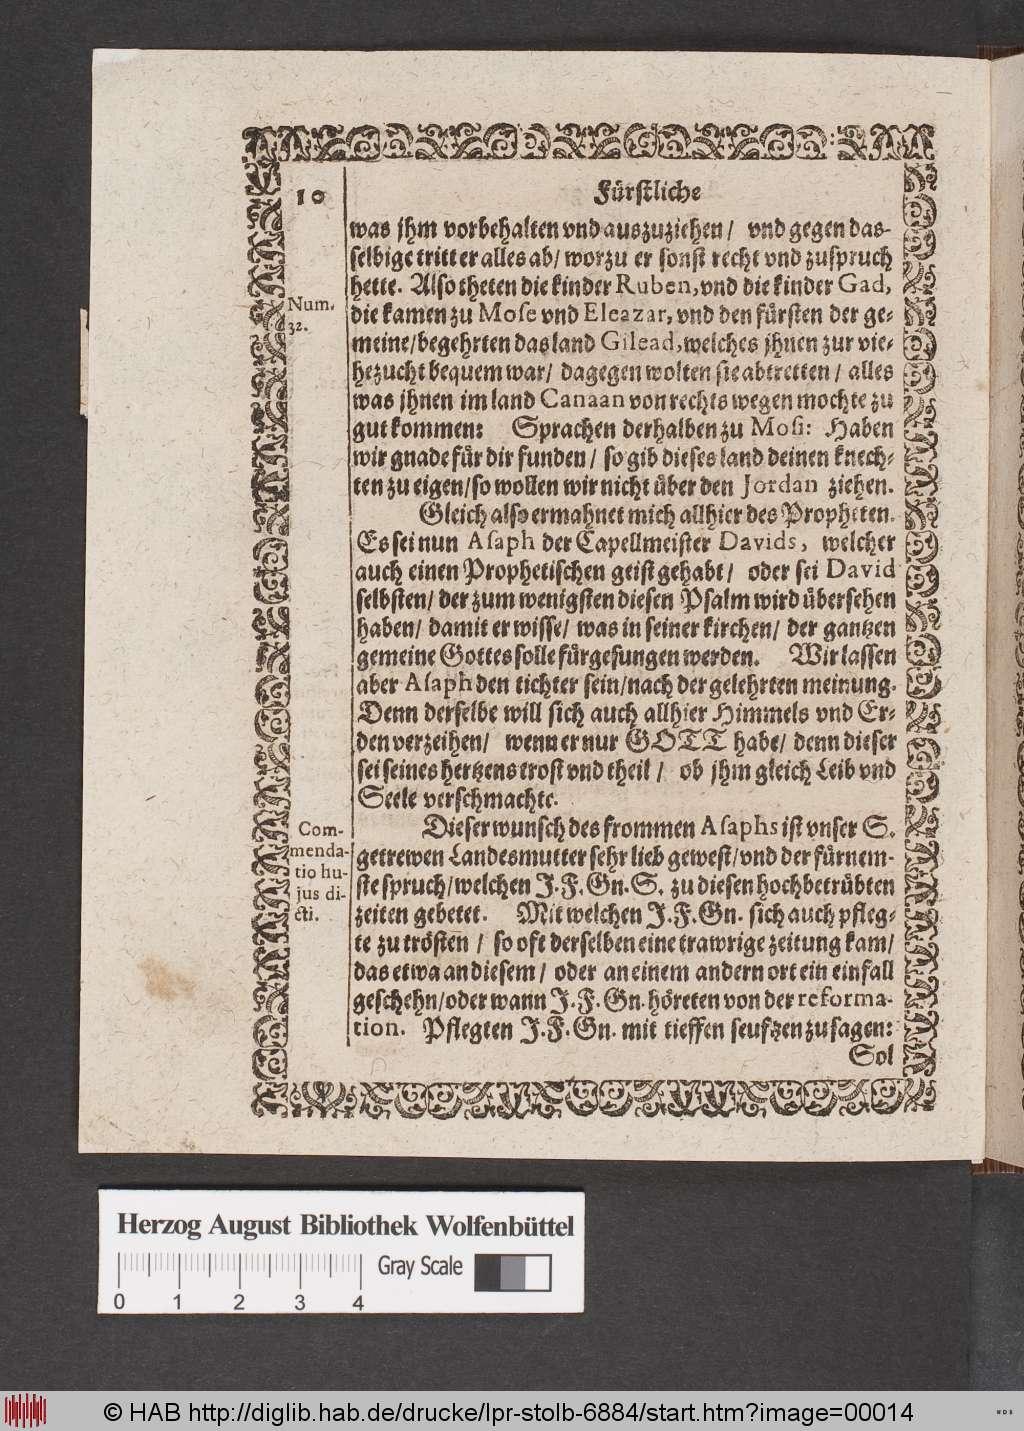 http://diglib.hab.de/drucke/lpr-stolb-6884/00014.jpg